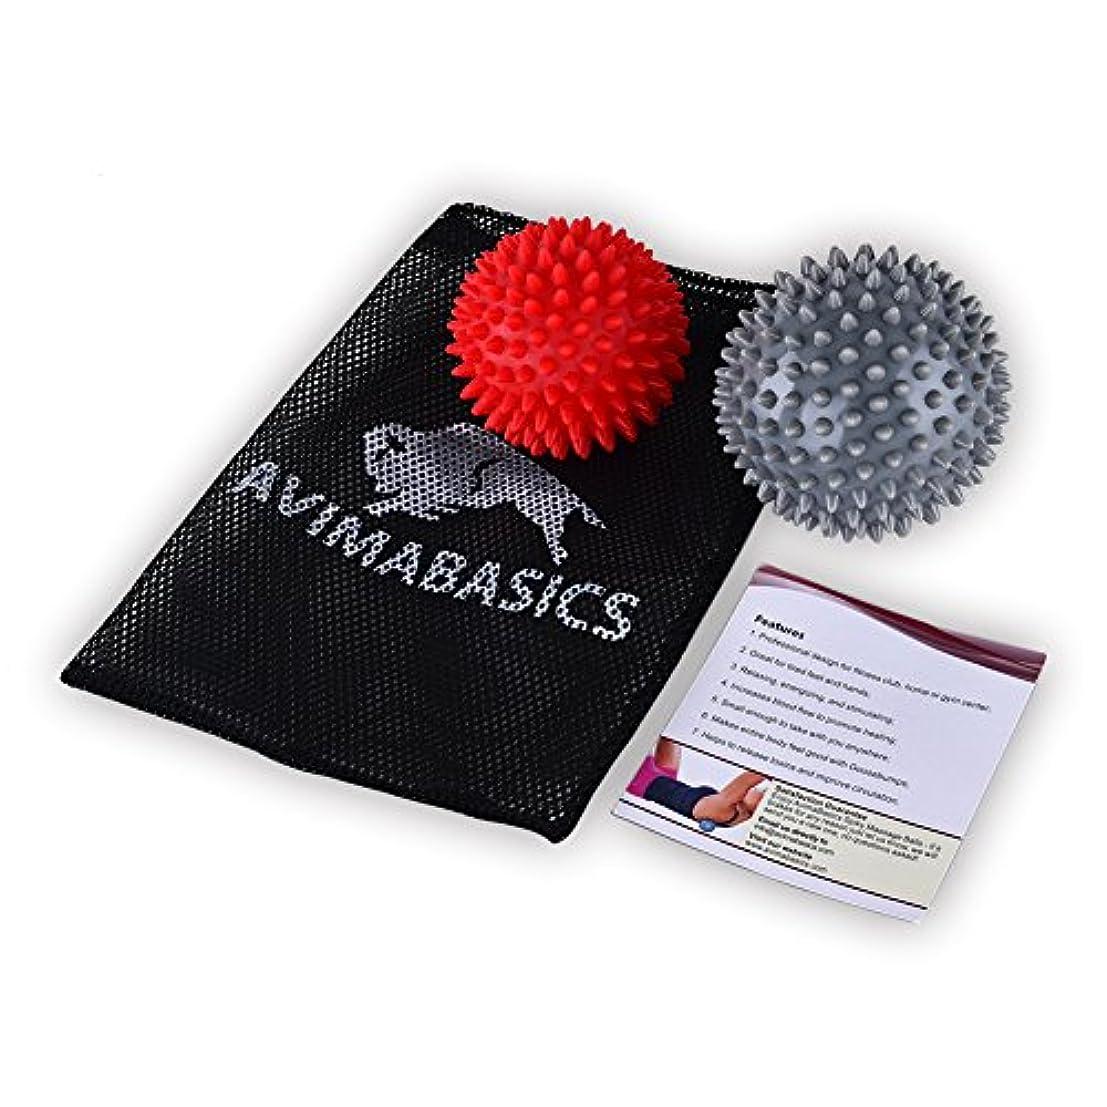 落とし穴平和取得する#1 BEST Spiky Massage Balls Reflexology Foot Body Arm Pain Stress Relief Trigger Point Sport Hand Exercise Muscle...